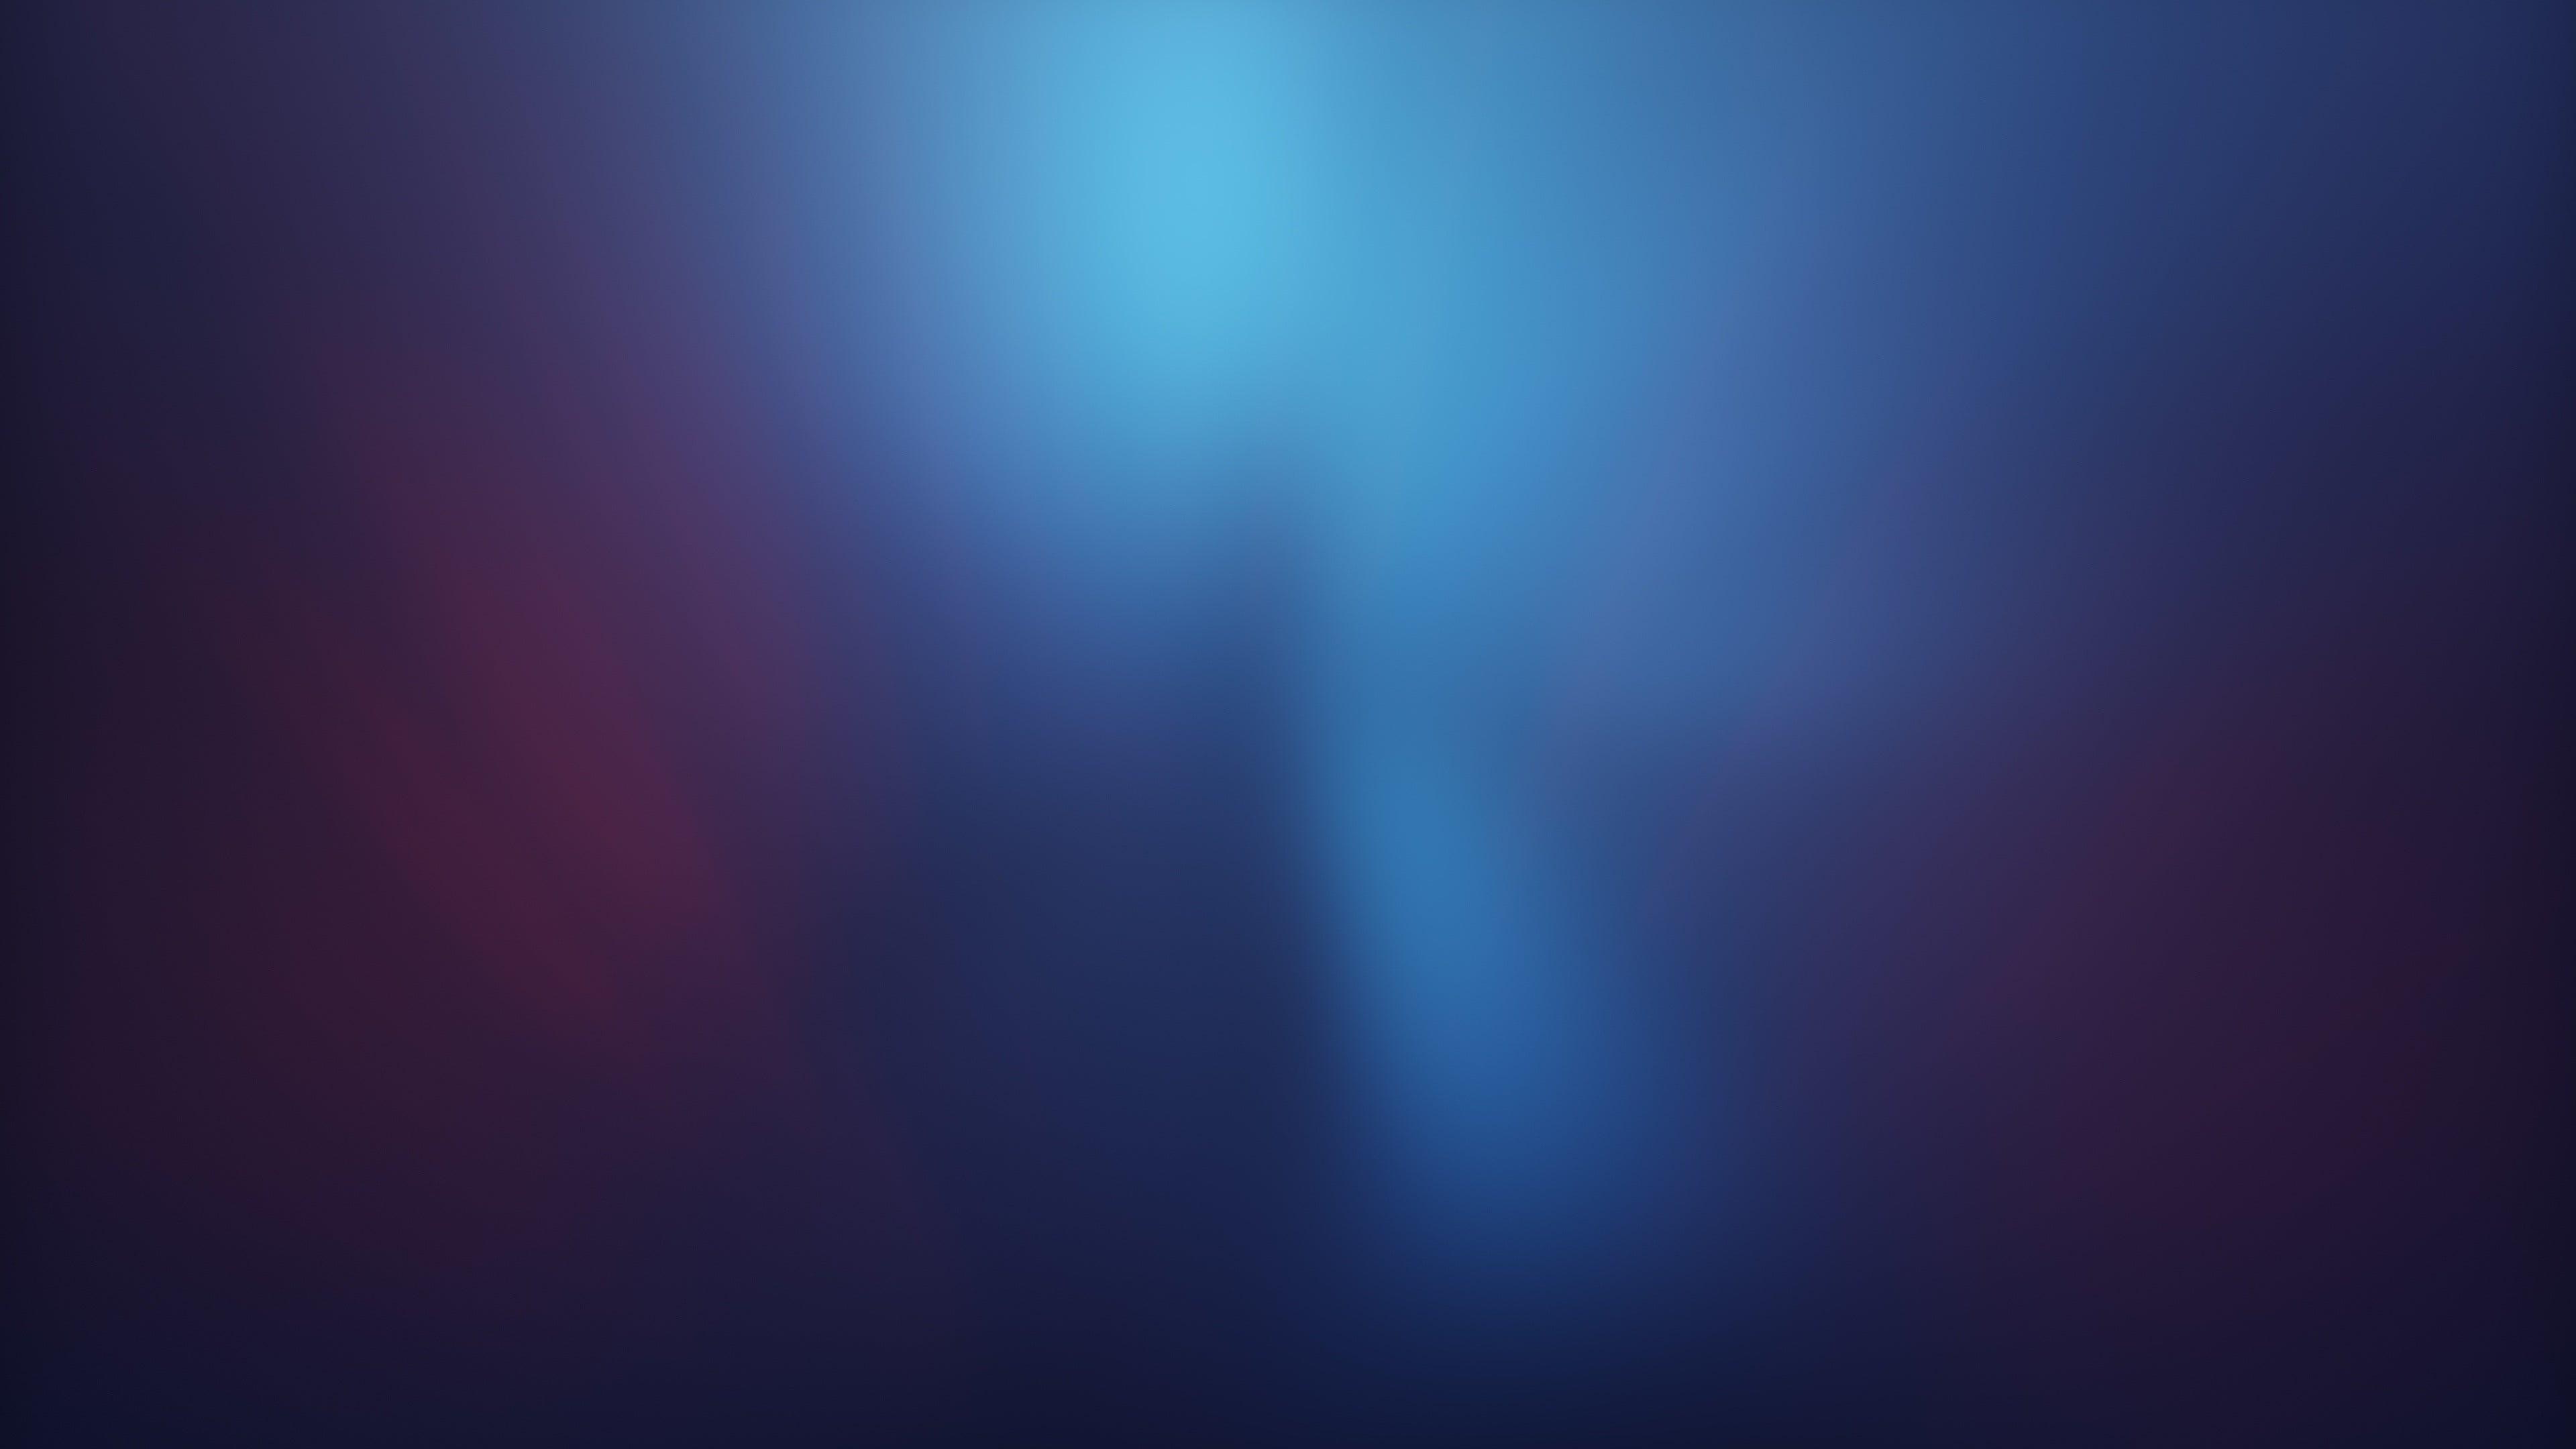 4k Gradient Wallpapers Top Free 4k Gradient Backgrounds Wallpaperaccess